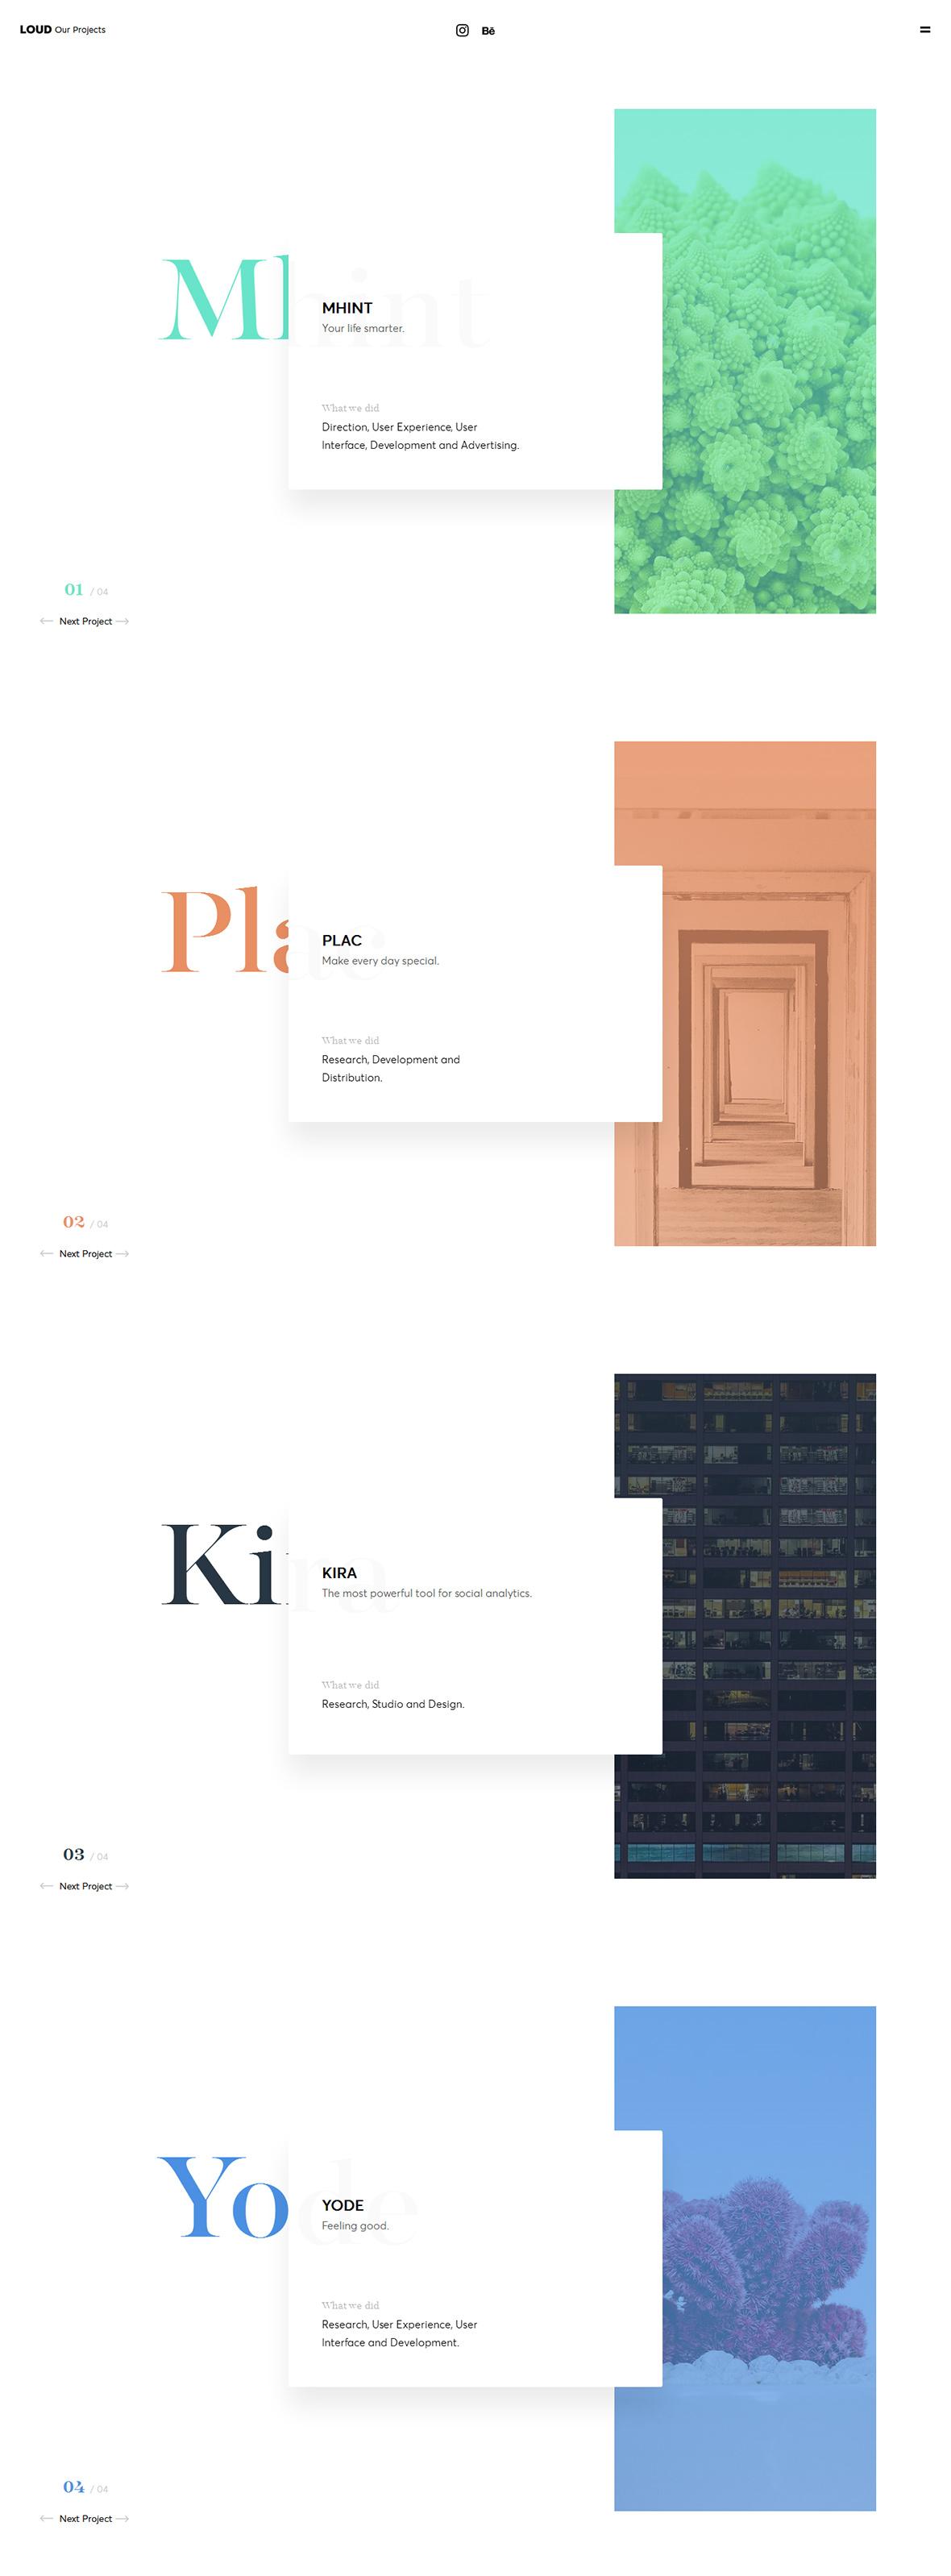 LOUD-创意,网页设计,创意设计,创意网站,网站设计,创意作品,设计作品,网站欣赏,优,ui设计,设计,设计师,优秀设计